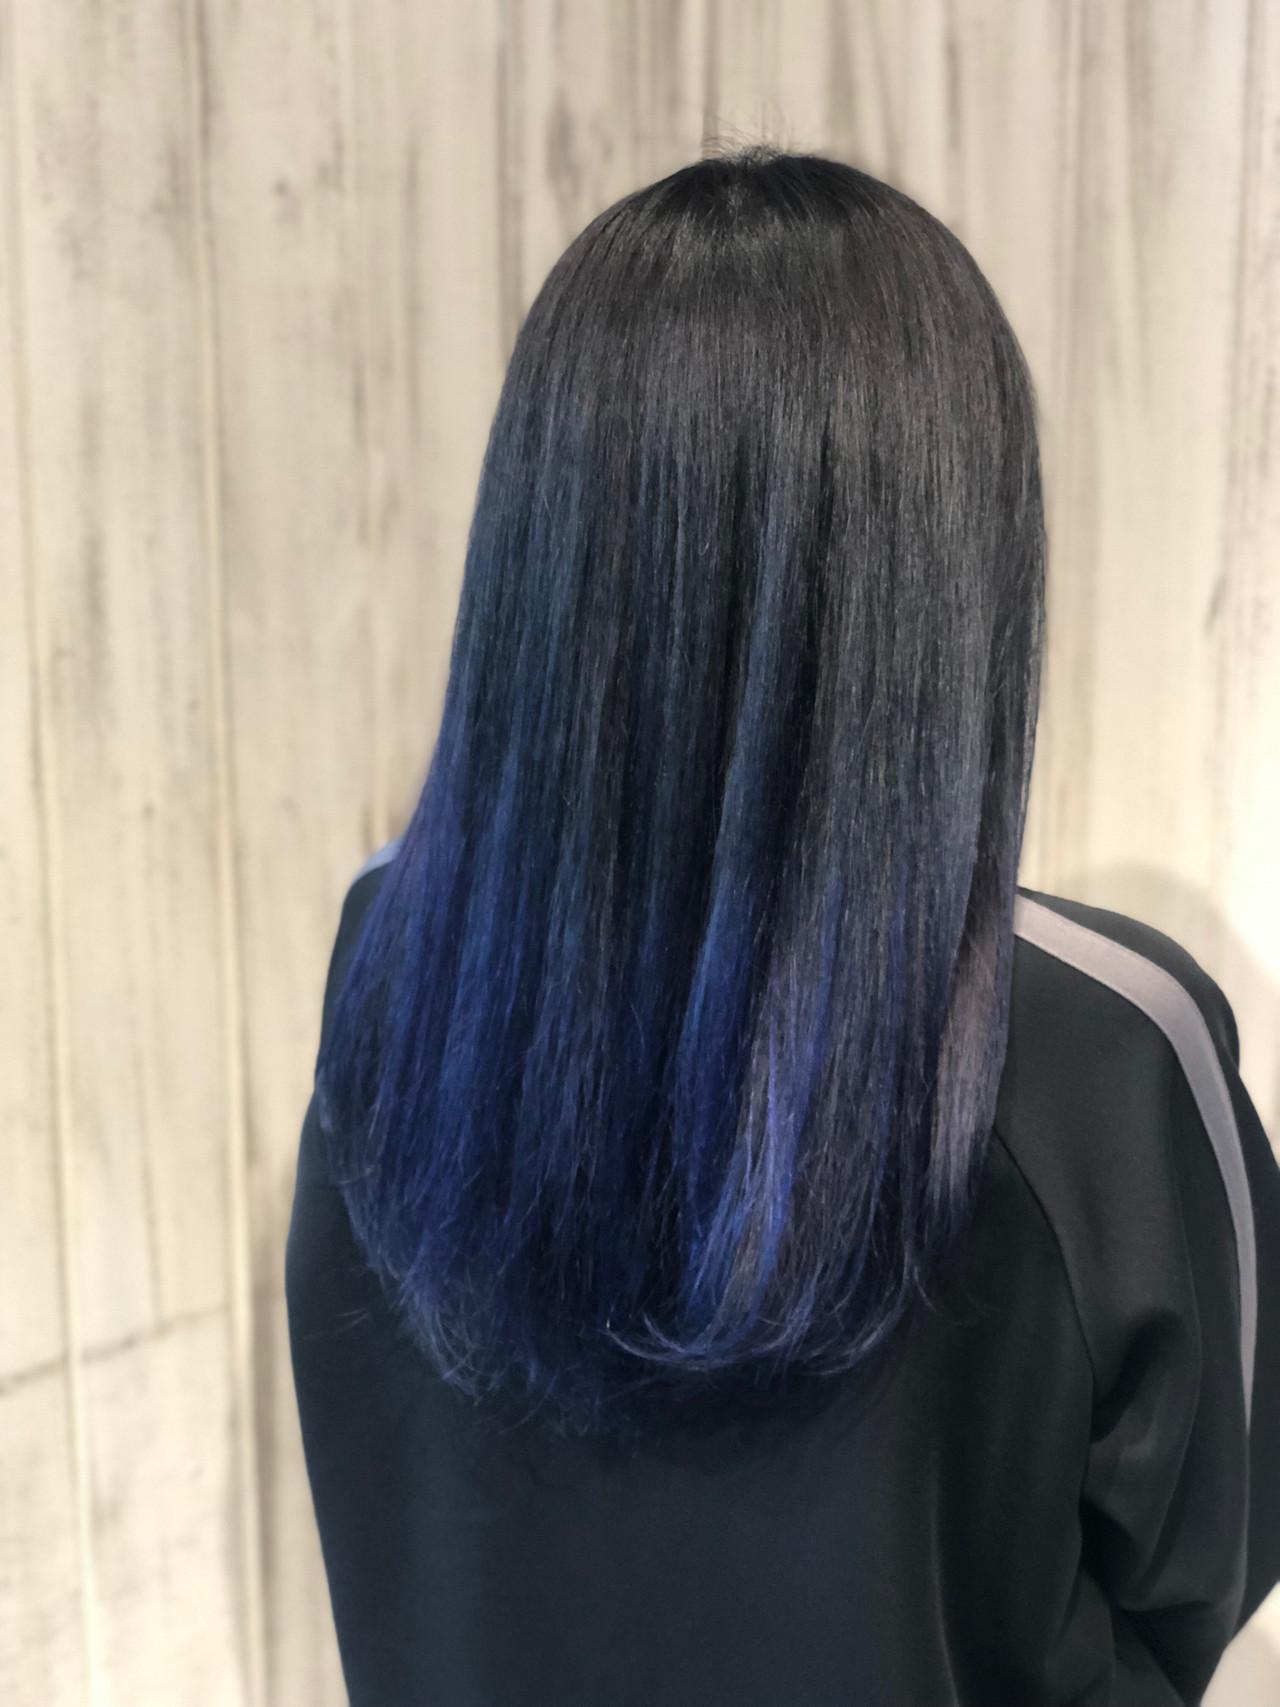 ブルー ストリート グラデーションカラー ロング ヘアスタイルや髪型の写真・画像